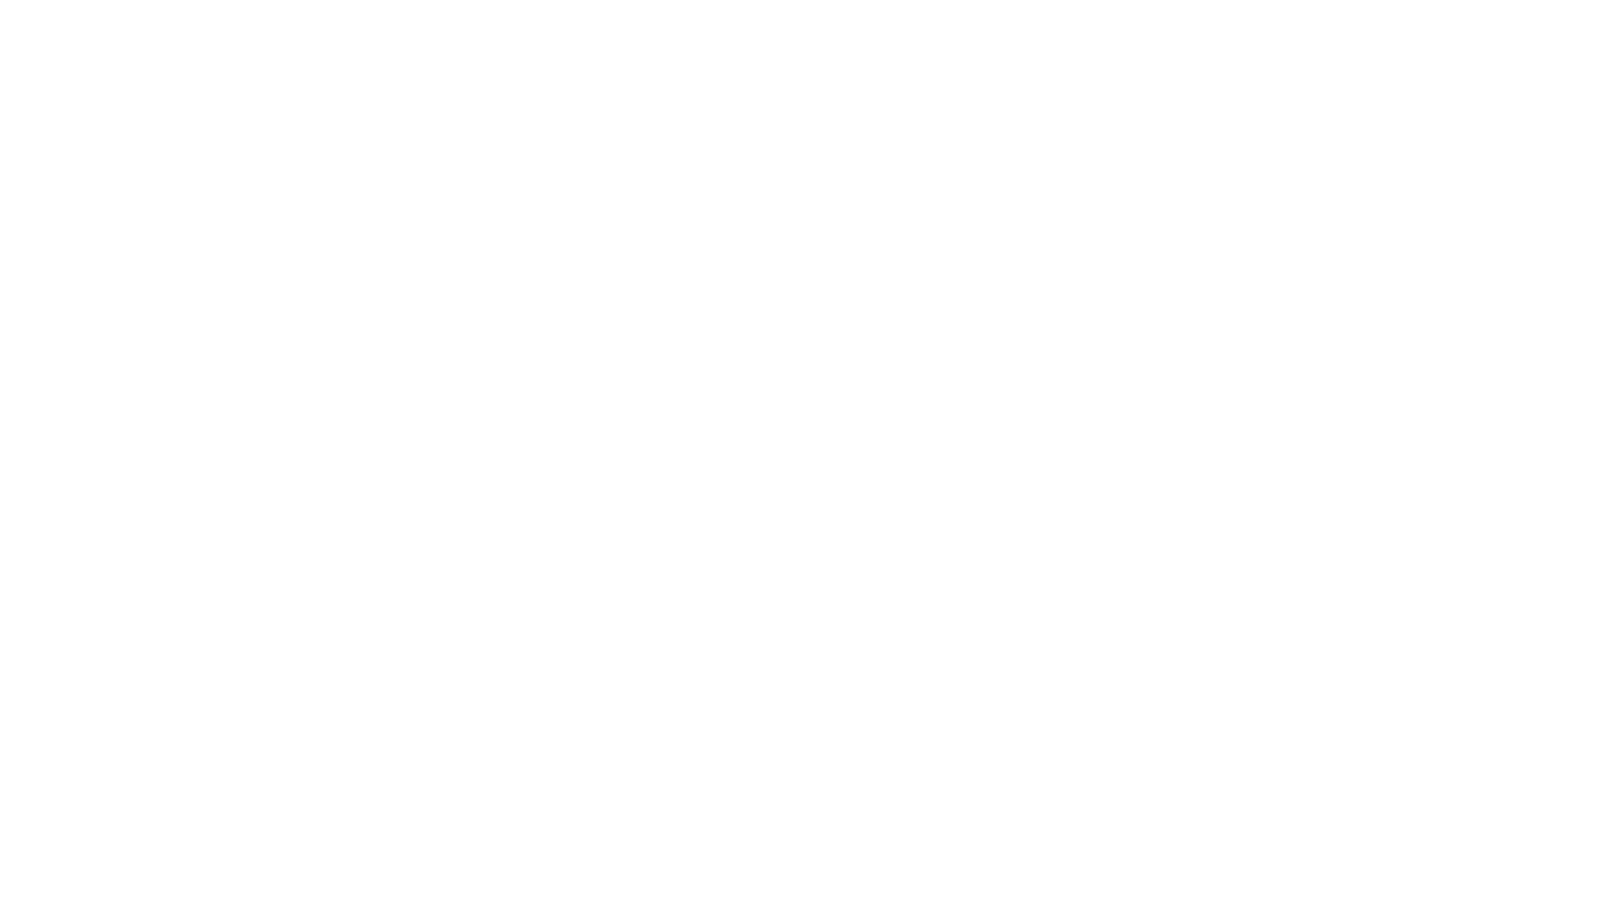 Você vai ver agora no Resumo de Notícias:  - HOMEM ACUSADO DE TENTAR MATAR PM NO CASTELO SÃO MANOEL EM 2018 É PRESO - INAGURAÇÃO DO MERCADO EXTRA NA PAULO BARBOSA GERA FILAS E AGLOMERAÇÃO - PMMG ABRE INSCRIÇÕES PARA MAIS DE 1.653 OPORTUNIDADES  #ResumoDeNotícias #jornalismo #GiroSerra #Petrópolis